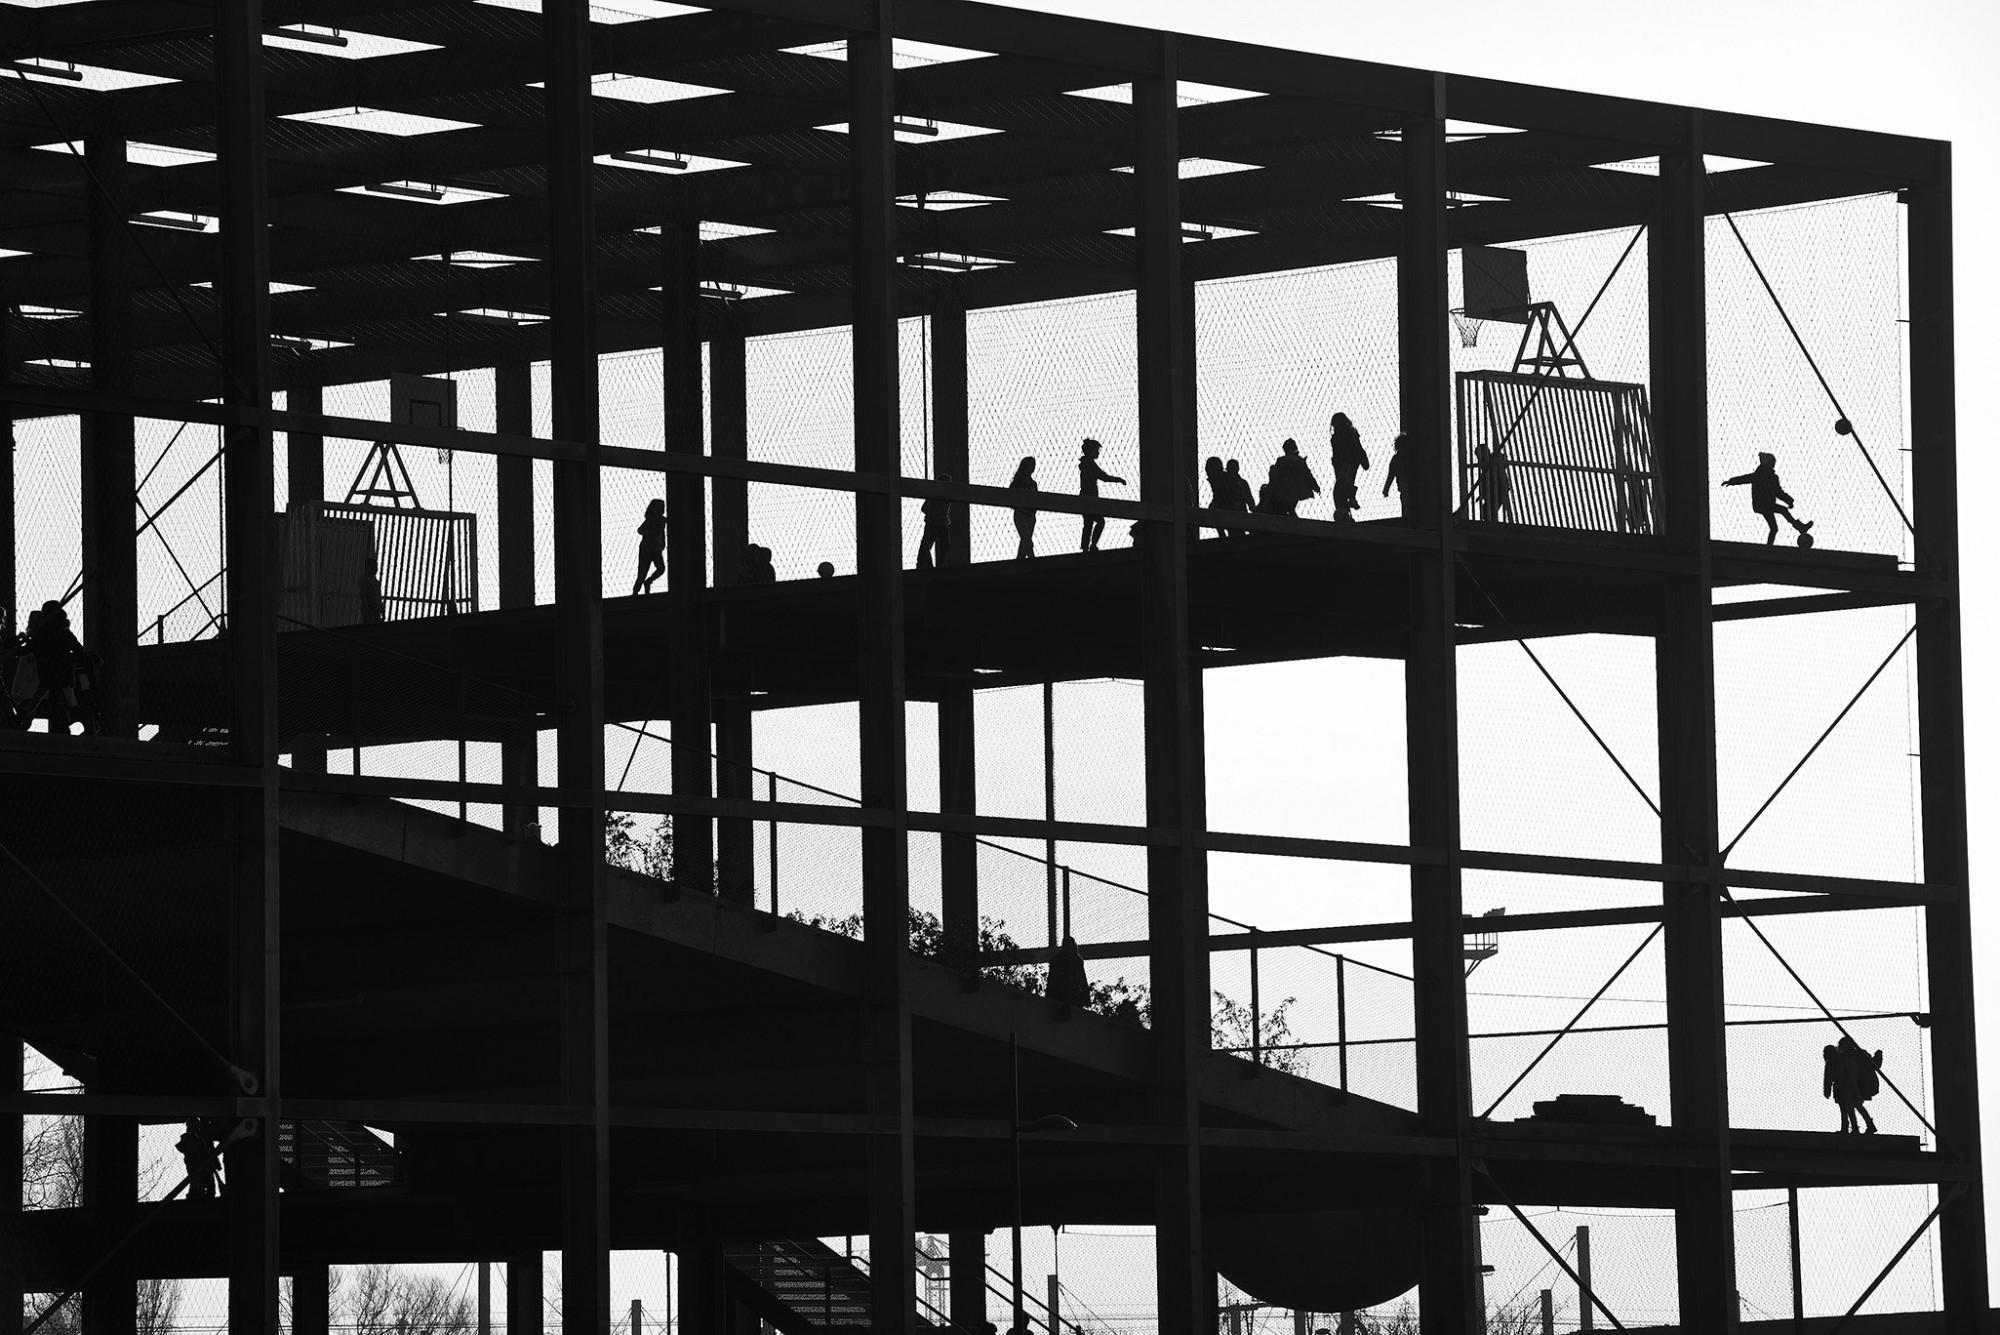 Afbeelding: Melopee schoolgebouw Gent © XDGA